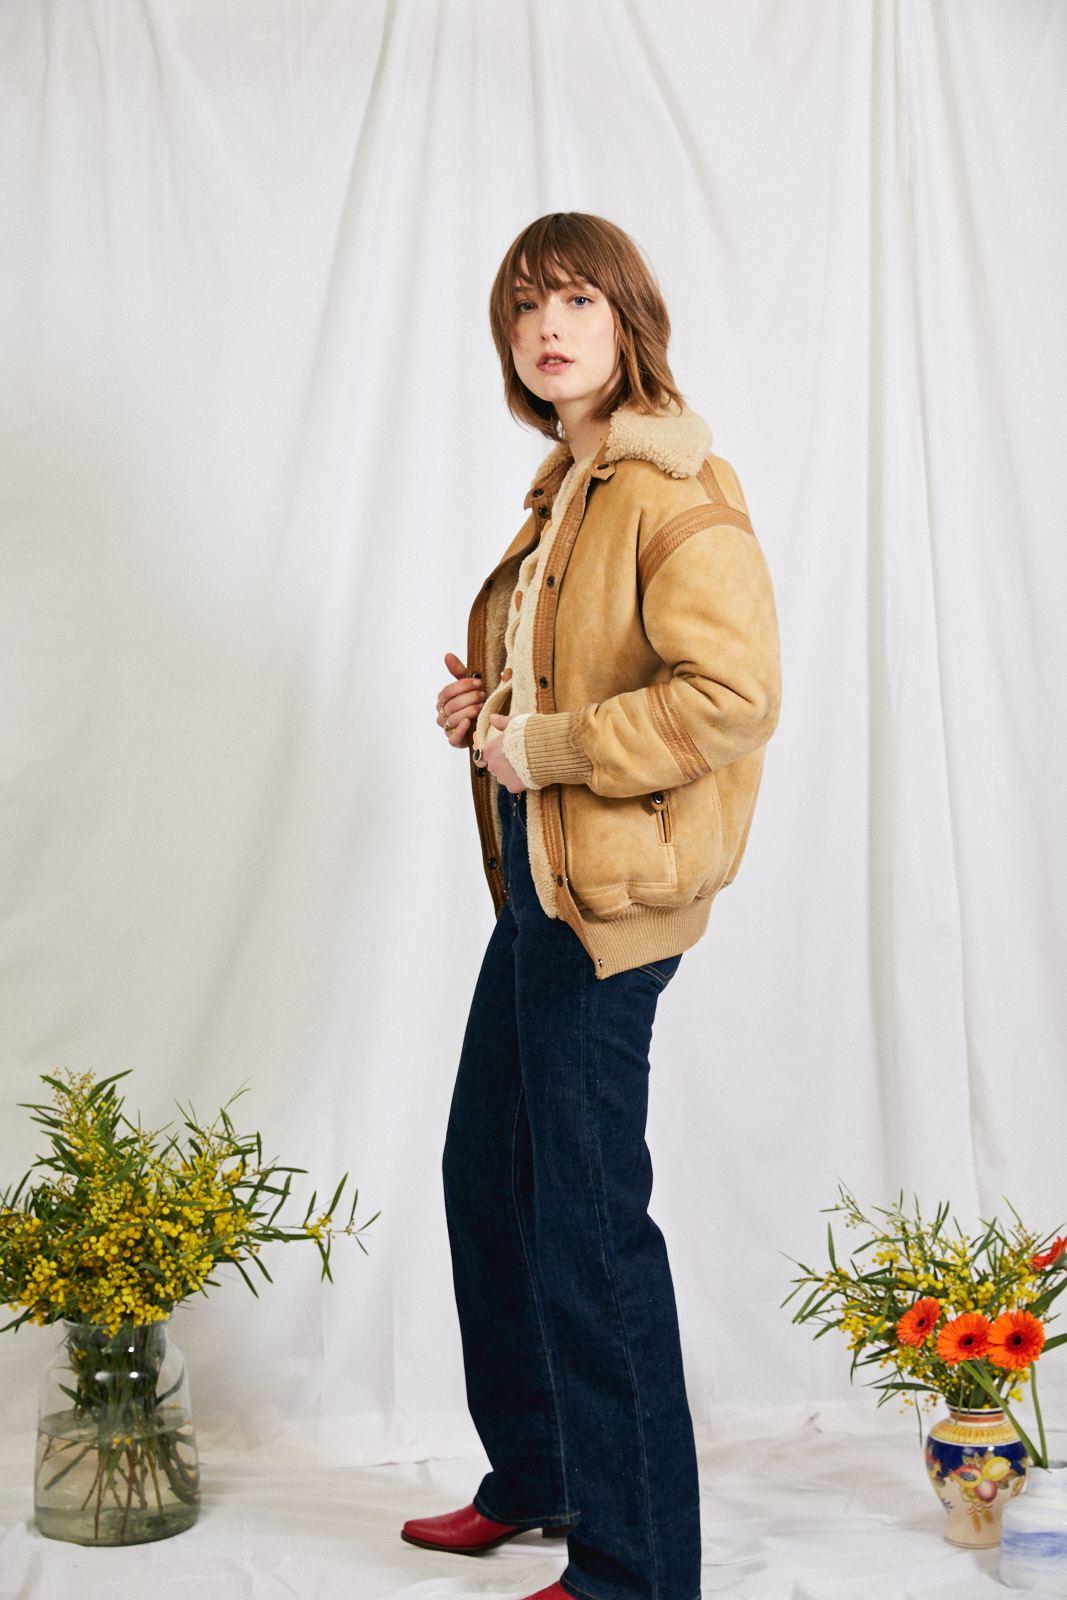 Manteaux - Veste peau lainée